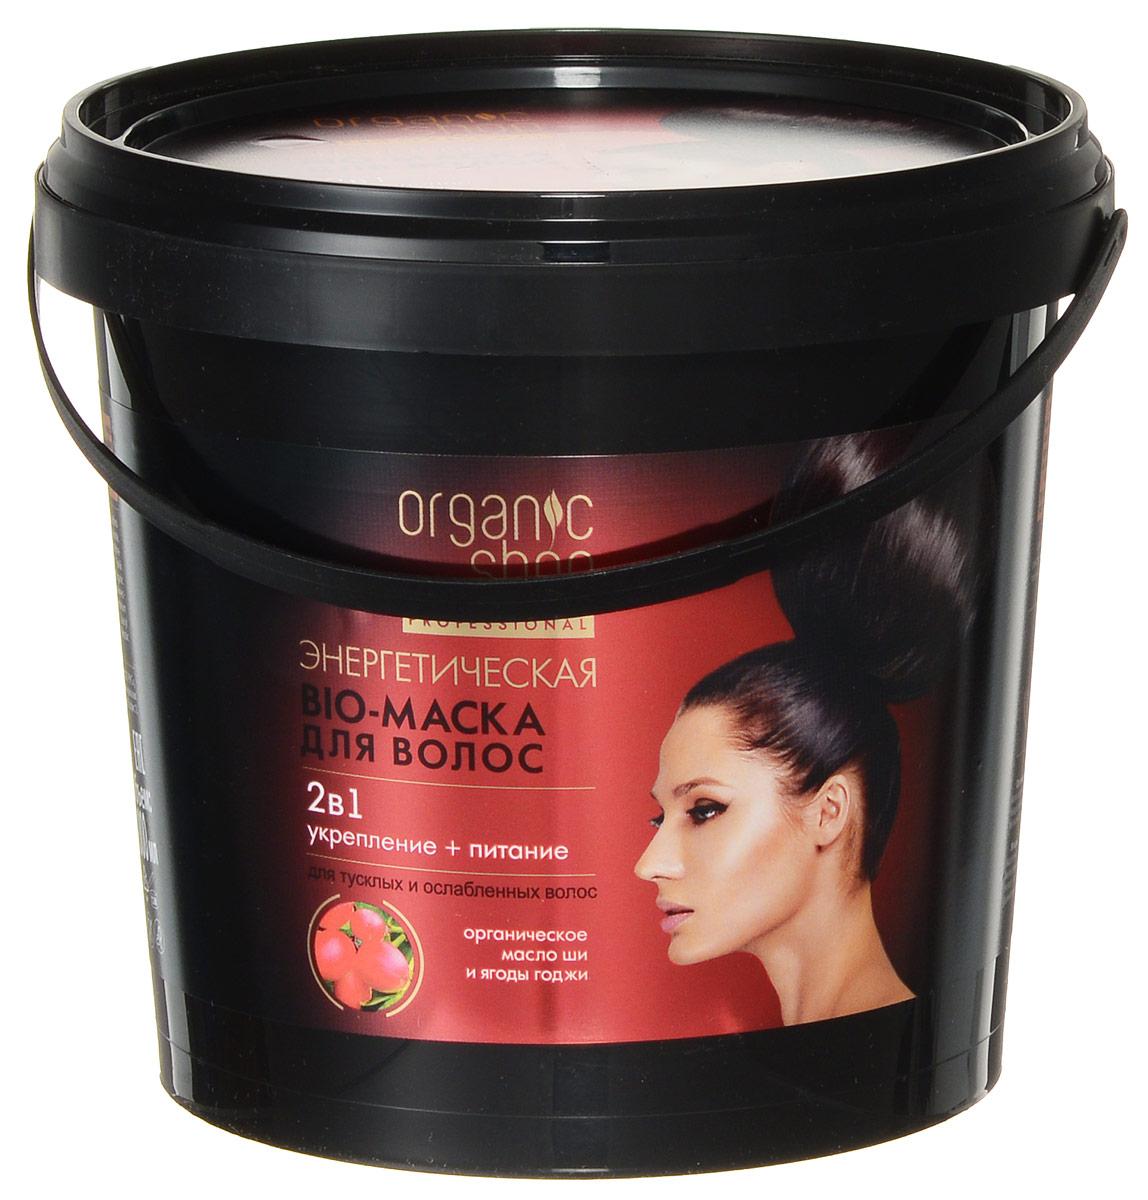 Organic Shop Professional Маска-био энергетическая для волос, 1000 мл0861-12-5285Энергетическая био-маска позволяет мгновенно преобразить тусклые и ослабленные волосы в домашних условиях и сделать их красивыми и блестящими, как после посещения косметического салона. Натуральная формула 2 в 1 оказывает мощный профессиональный эффект, наполняя волосы жизненной силой и укрепляя их по всей длине. Сочетание натуральных компонентов помогает реструктурировать повреждения, заполняя пористость и ремонтируя поврежденные участки кутикулы. Органическое масло ши обеспечивает волосам необходимое питание, восстанавливает гидролипидную пленку волоса, выравнивая его по всей длине. Ягоды годжи содержат биотин и бета-каротин, которые эффективно укрепляют волосяные луковицы, предотвращая выпадение волос и делая их густыми, объемными и удивительно крепкими